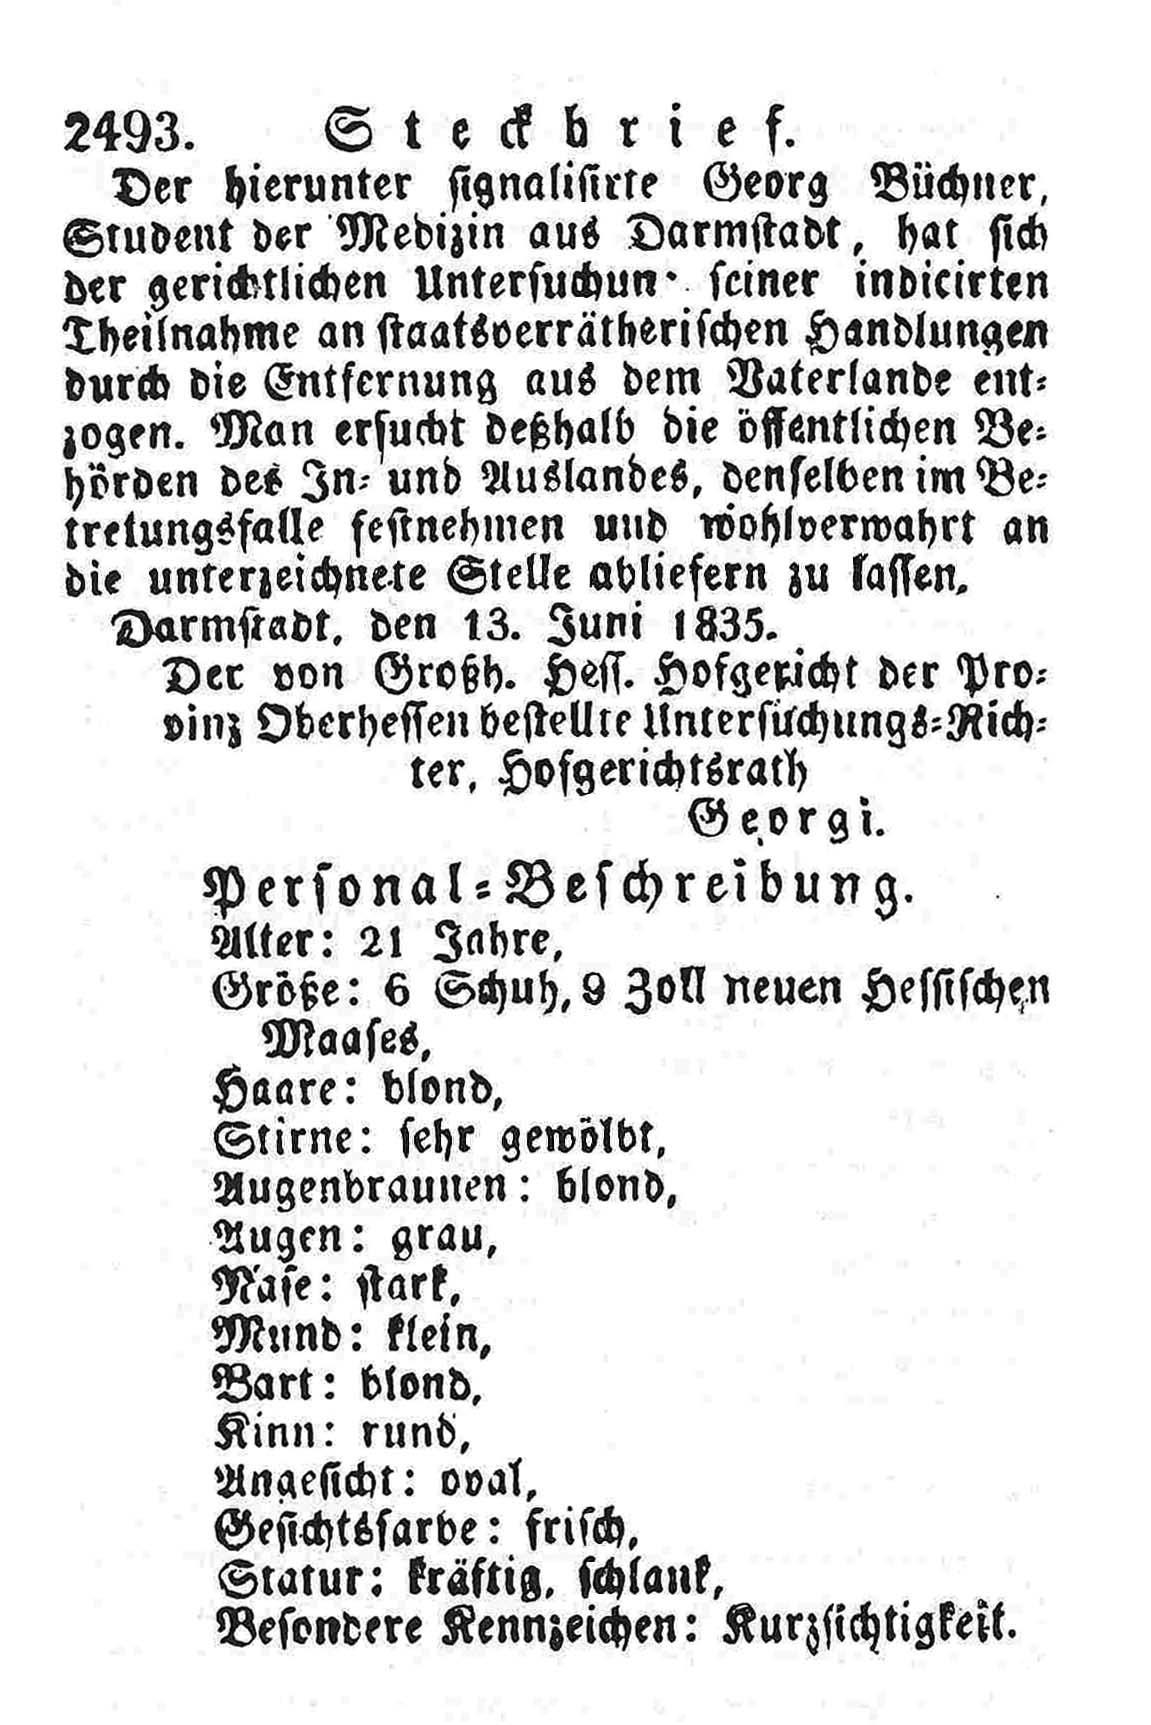 Steckbrief Georg Büchner, 1835